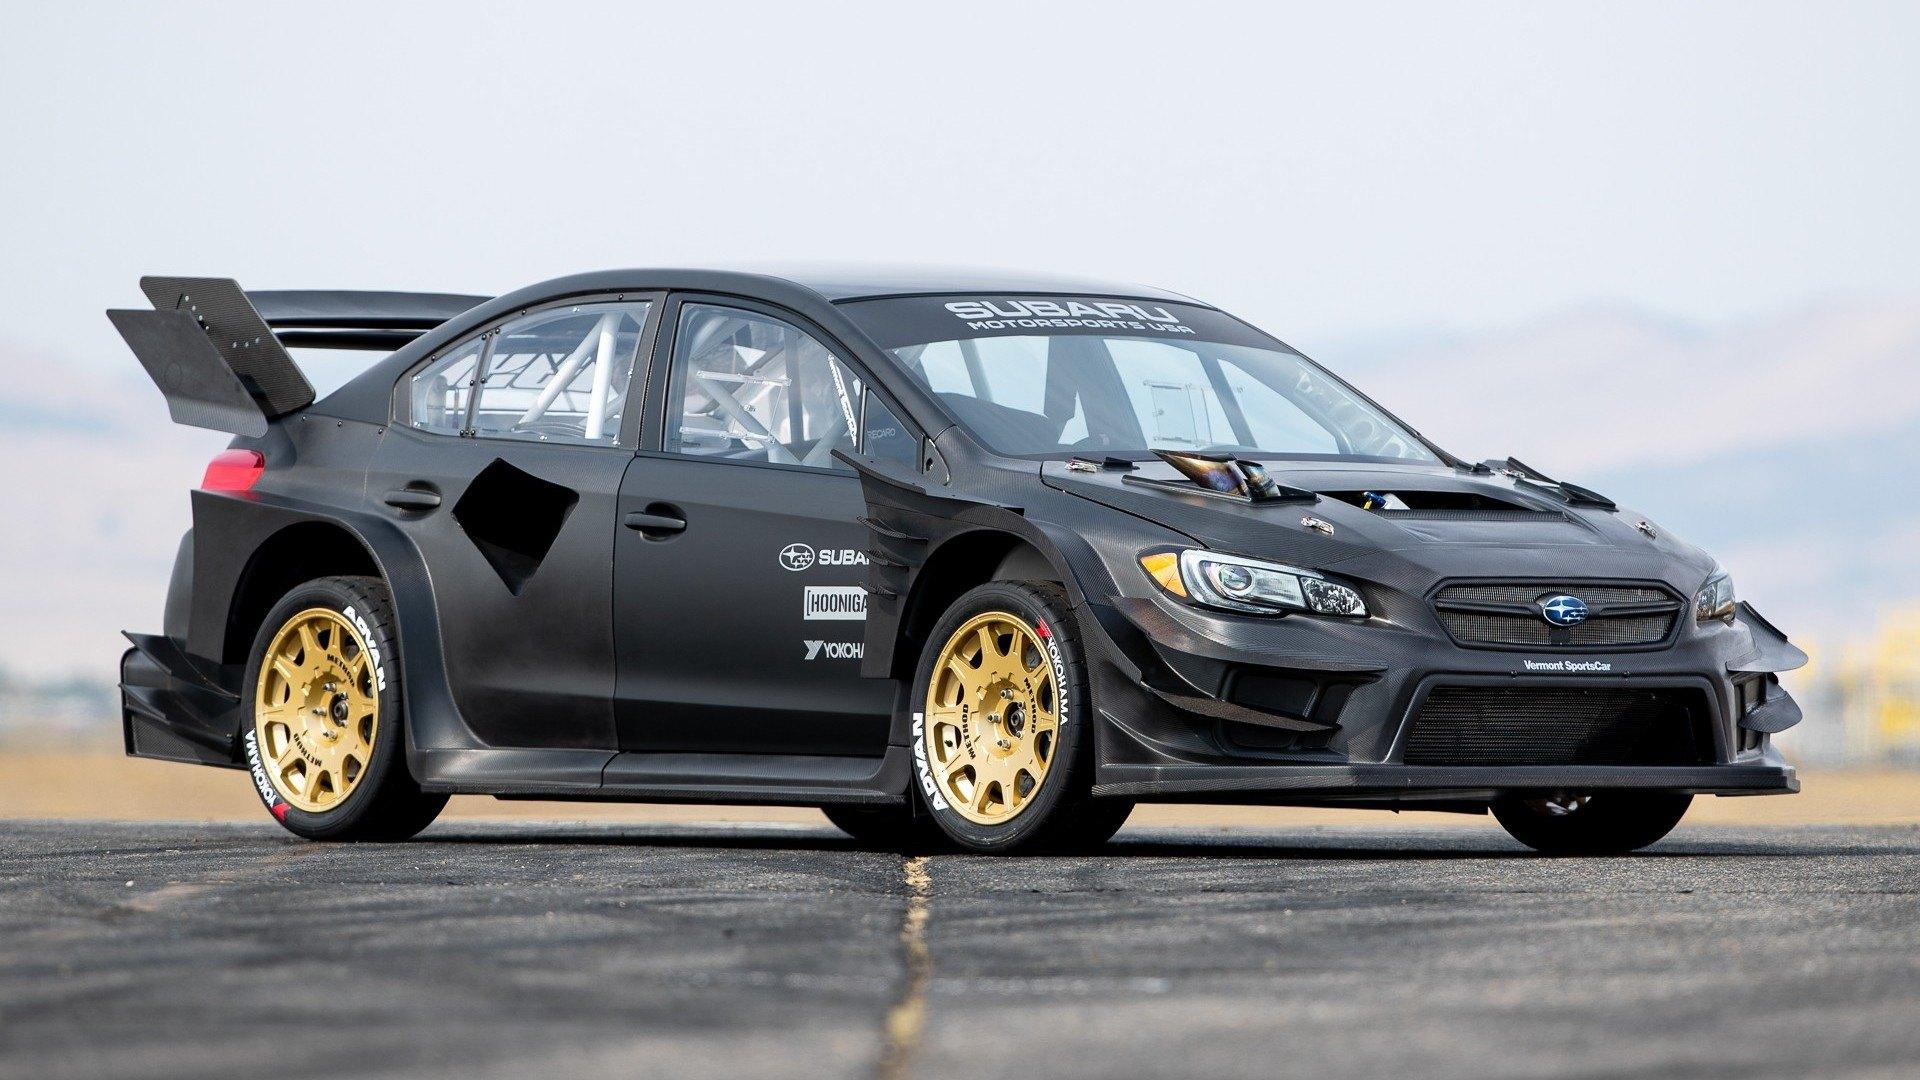 Subaru y Travis Pastrana dan a conocer al WRX STI más bestia